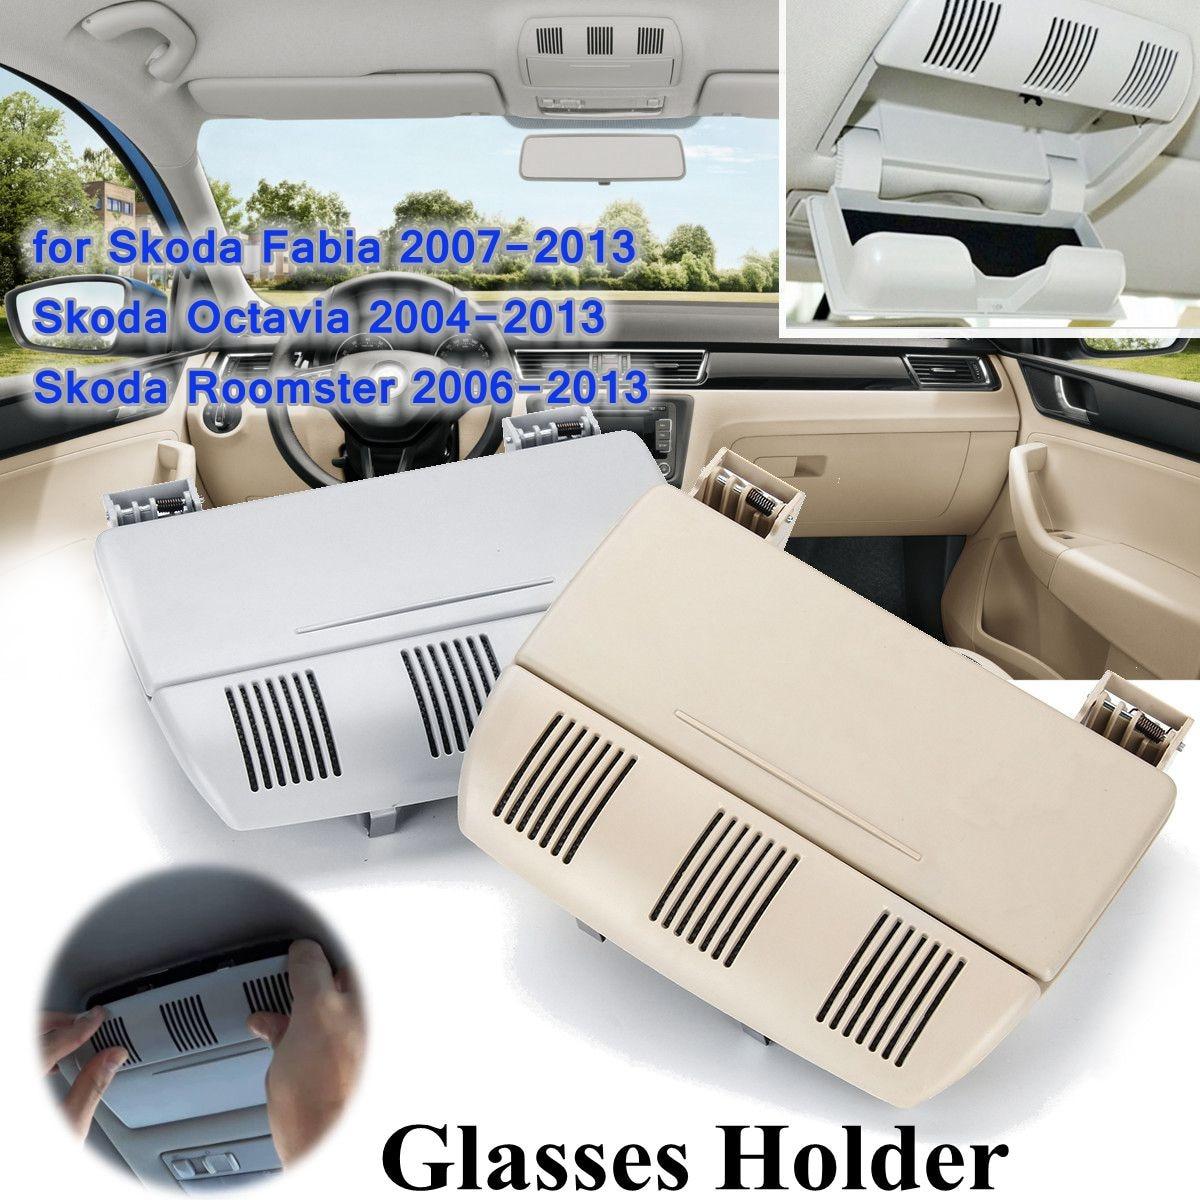 Auto occhiali Da Sole Portaocchiali Case Holder Box di Stoccaggio per Skoda Fabia Octavia Roomster 1Z0 868 565 1Z0868565E 2004-2013